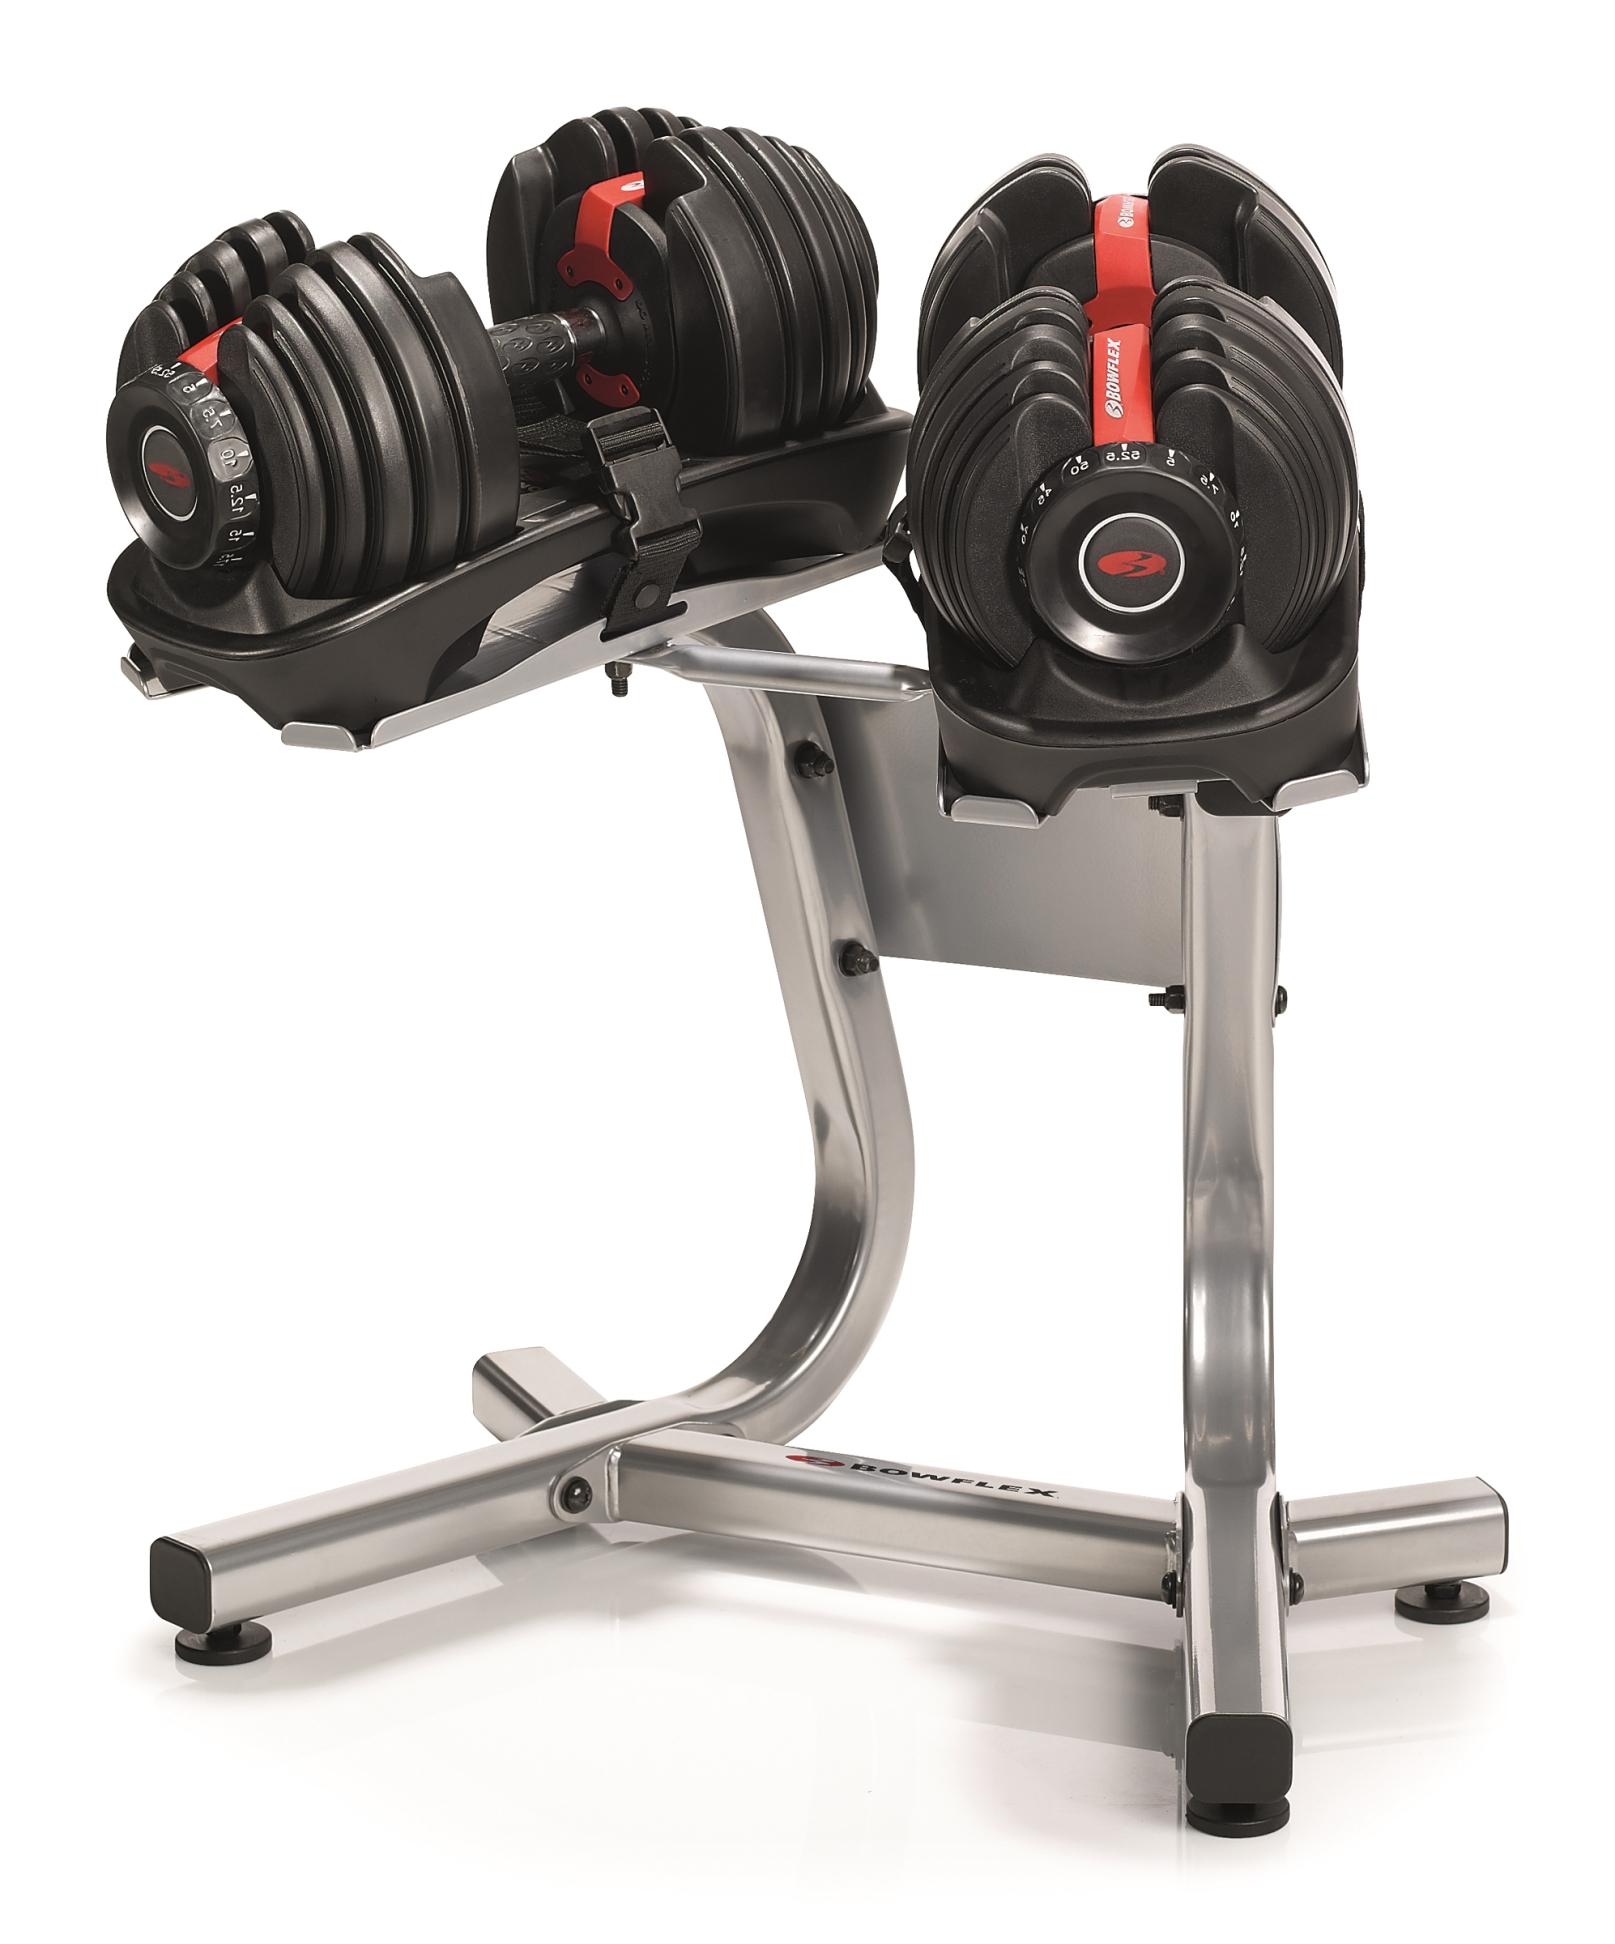 Bowflex SelectTech 552 Dumbbells with Workout DVD